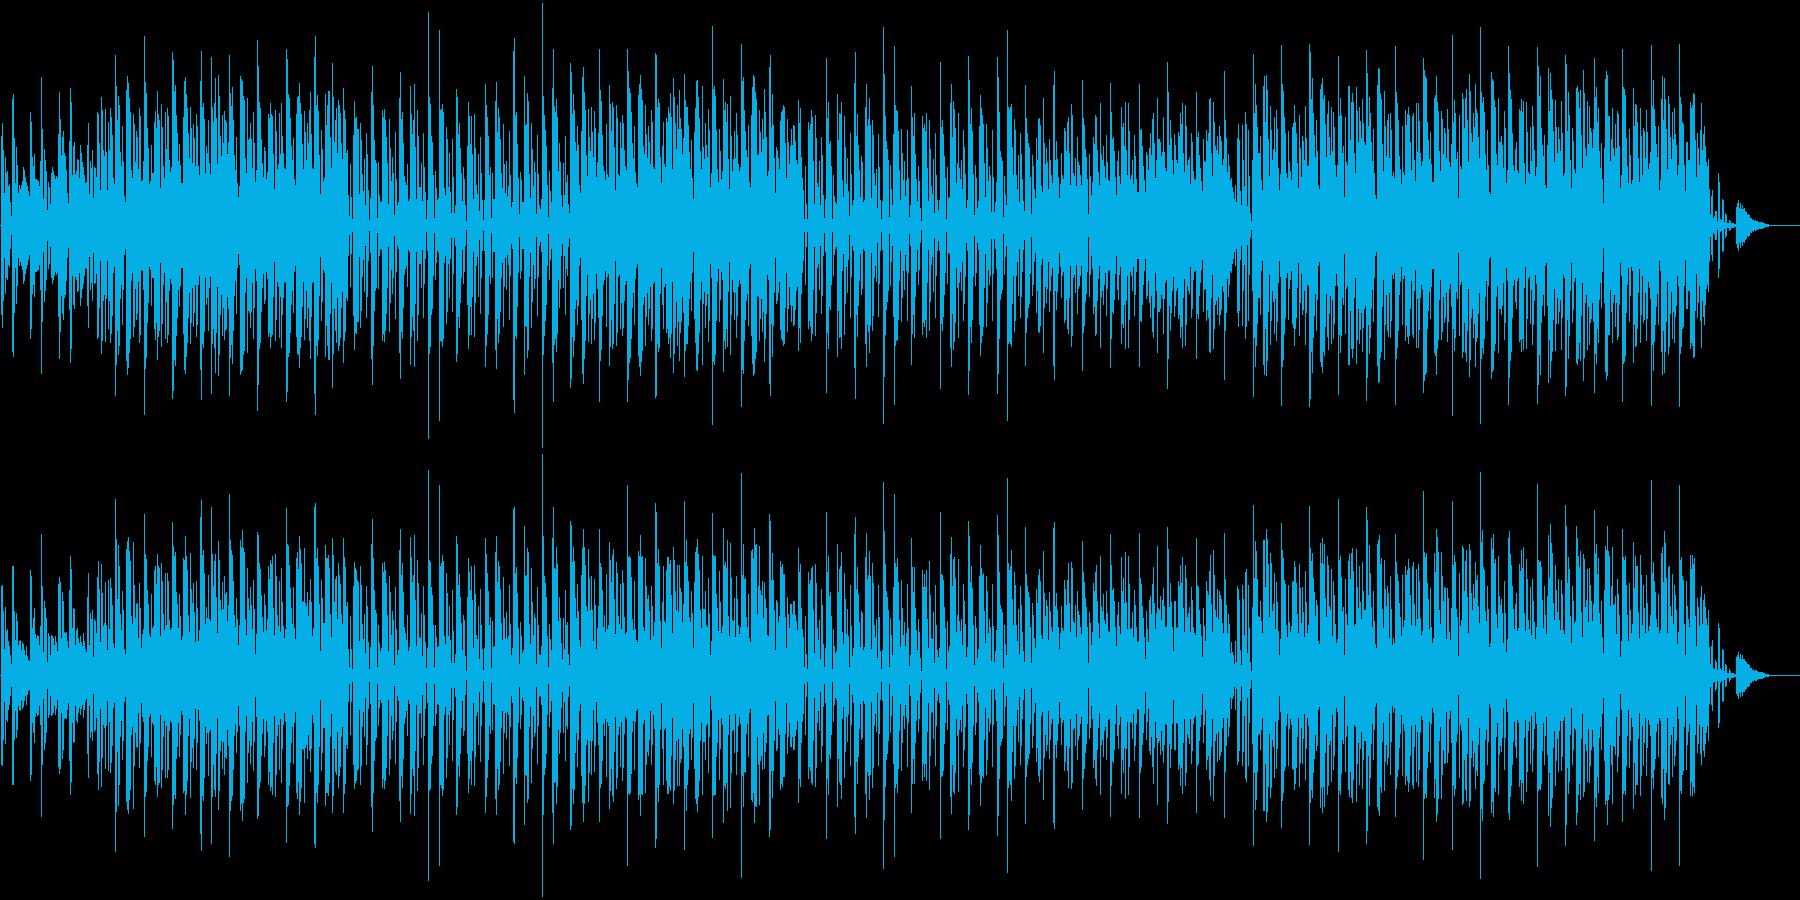 おしゃれでエモいチルアウトの再生済みの波形